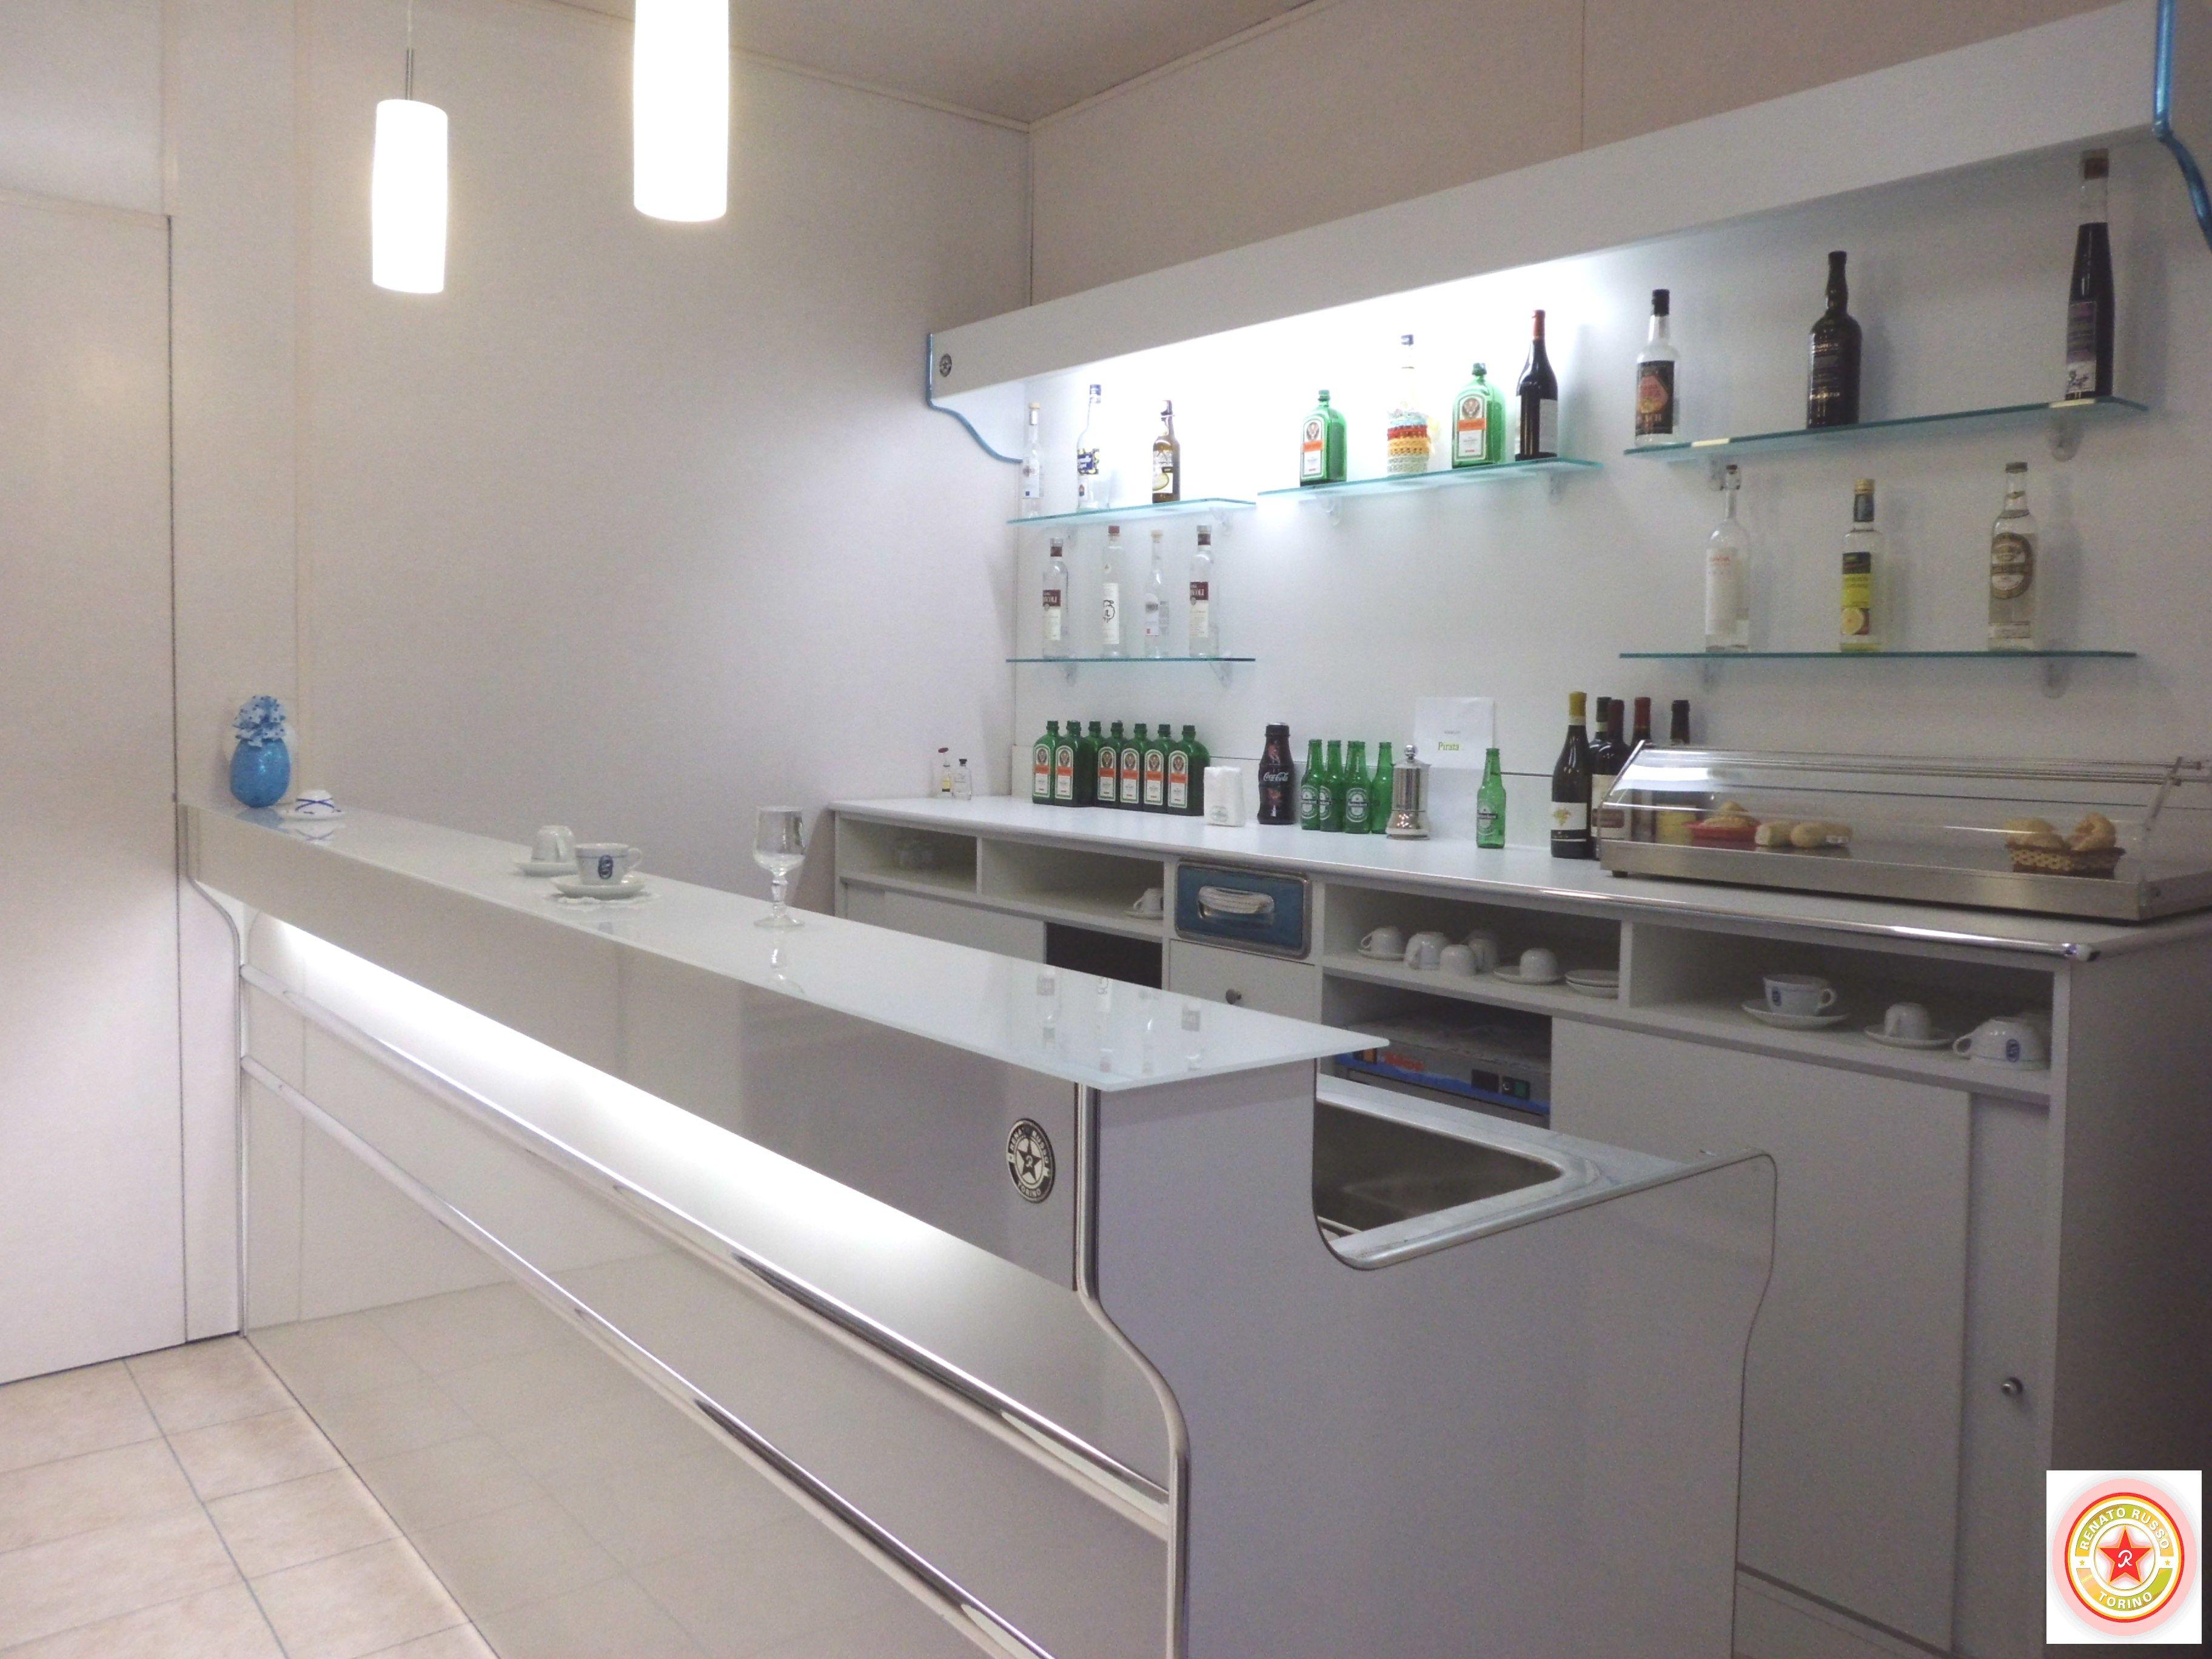 Disegno bancone bar cerca con google bancone for Ristrutturare bancone bar